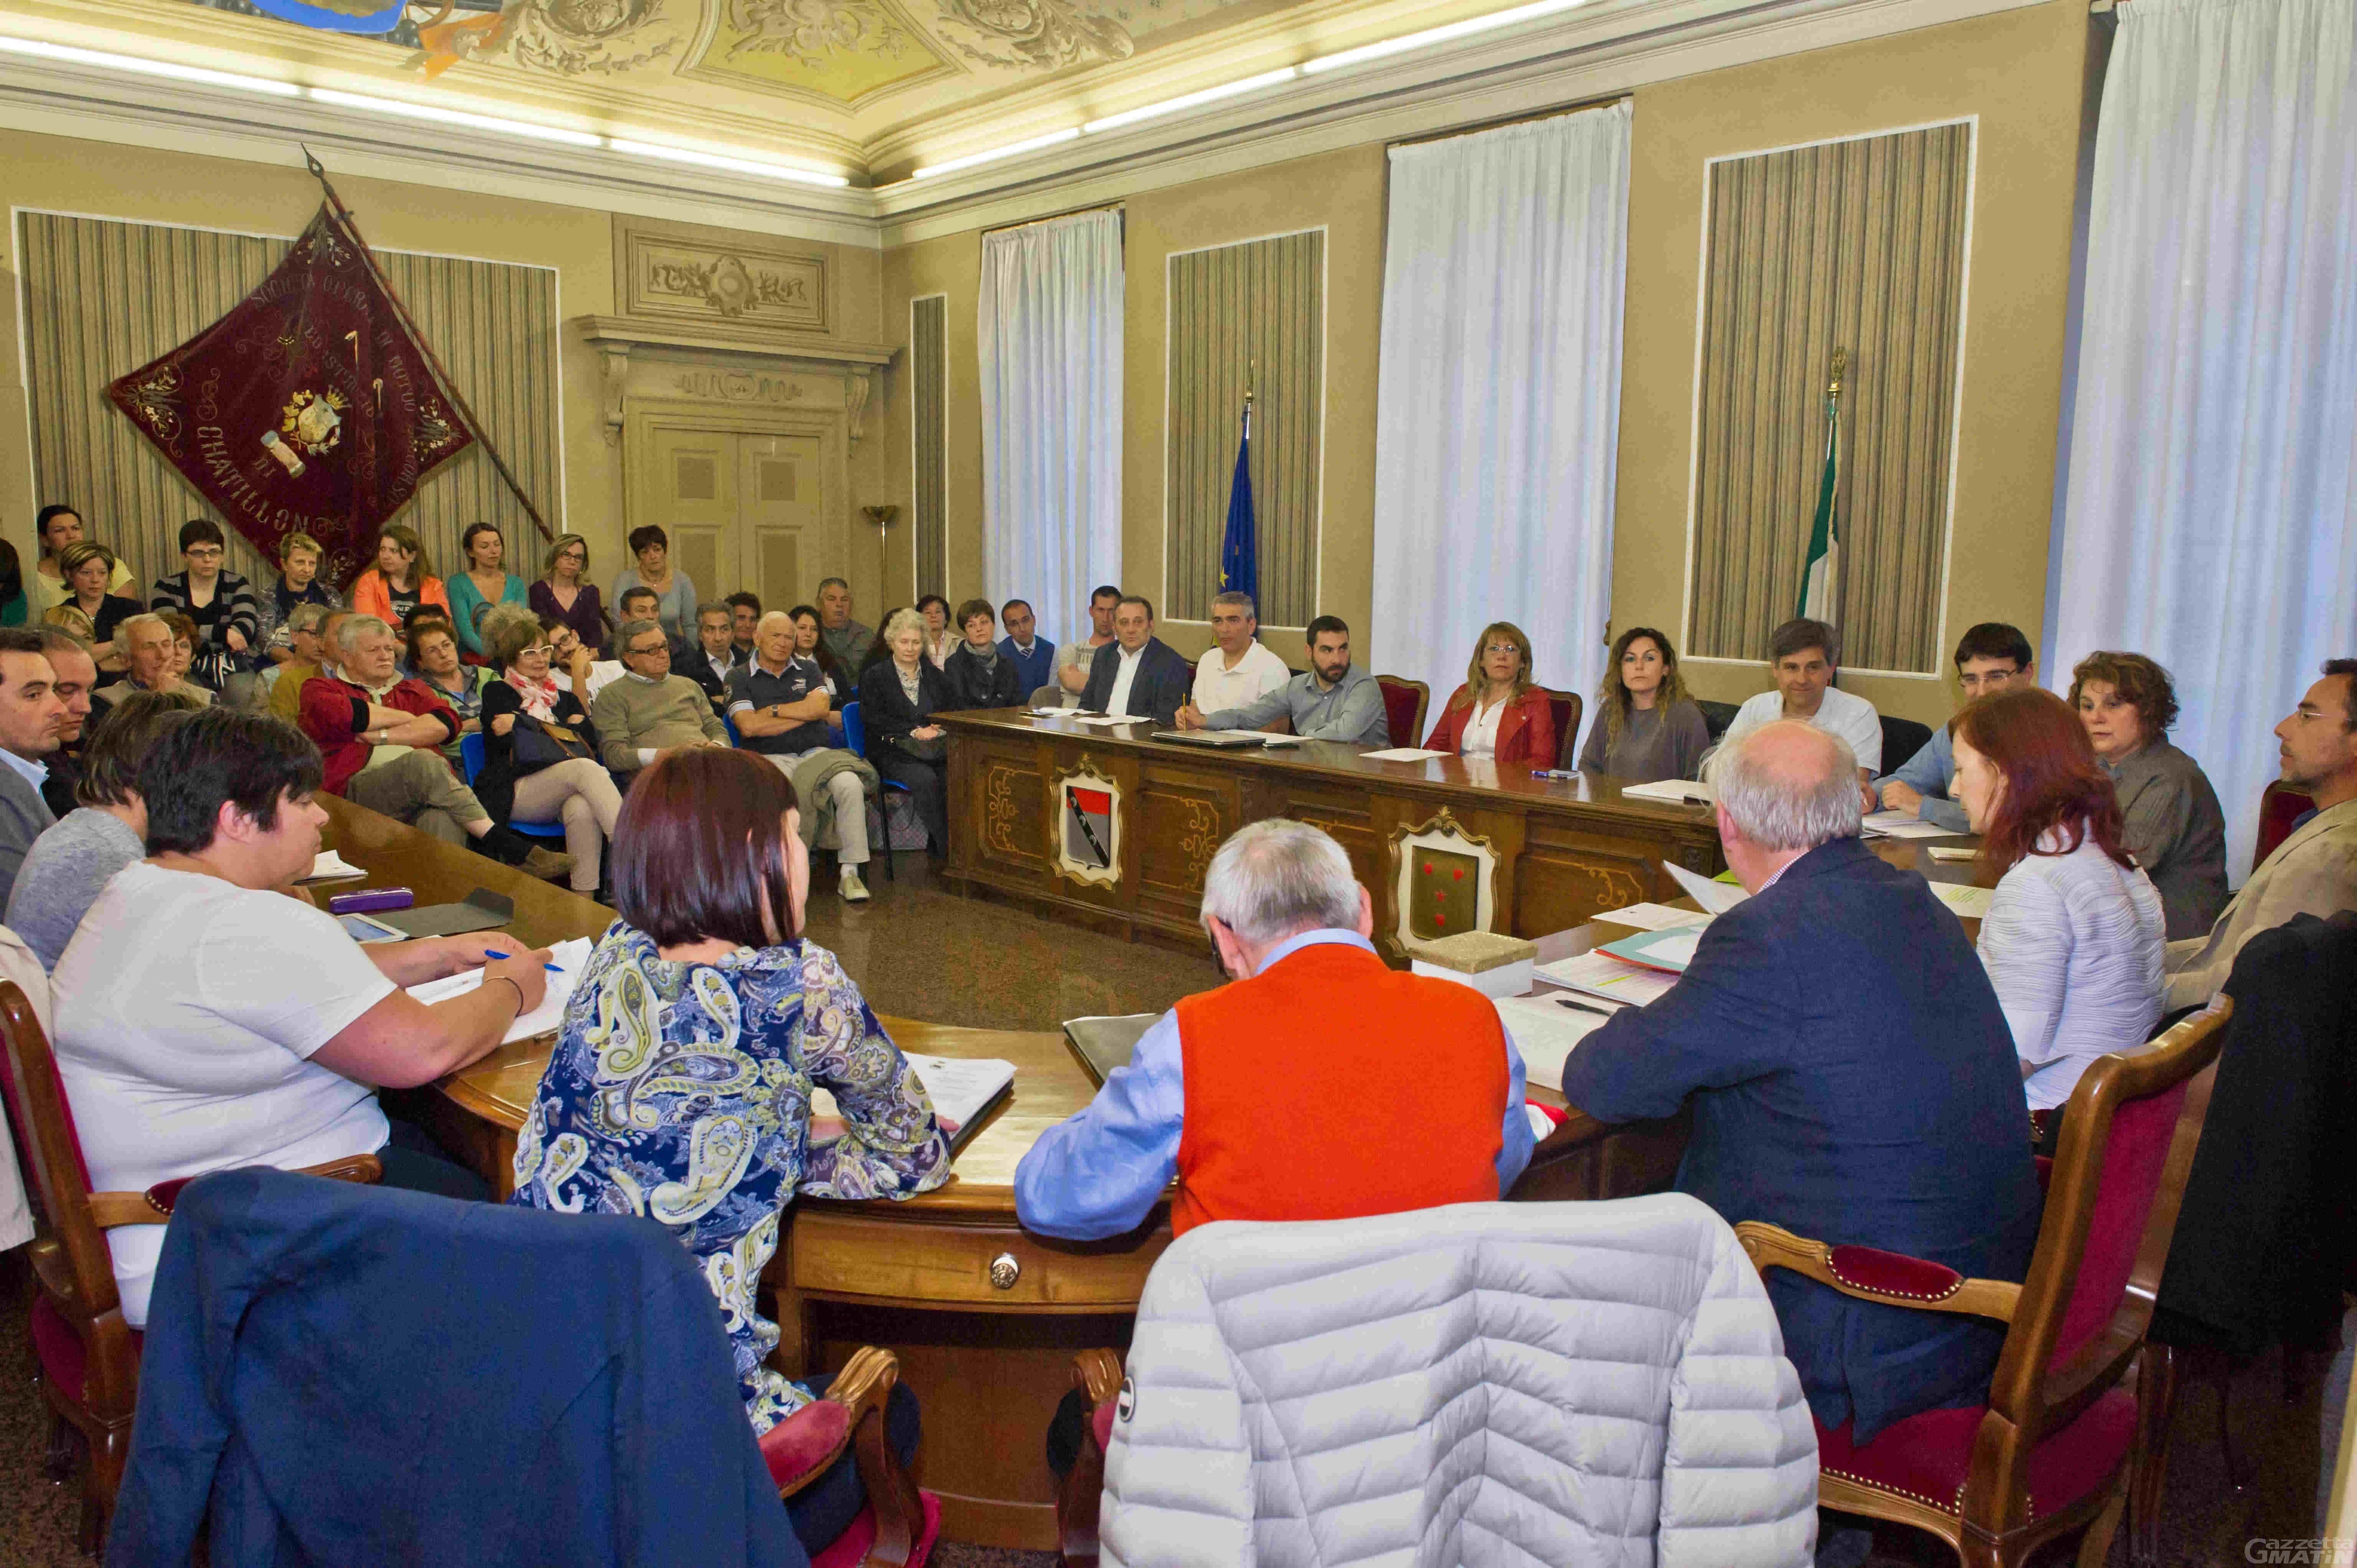 Comuni: Châtillon, la giunta comunale si dimezza lo stipendio